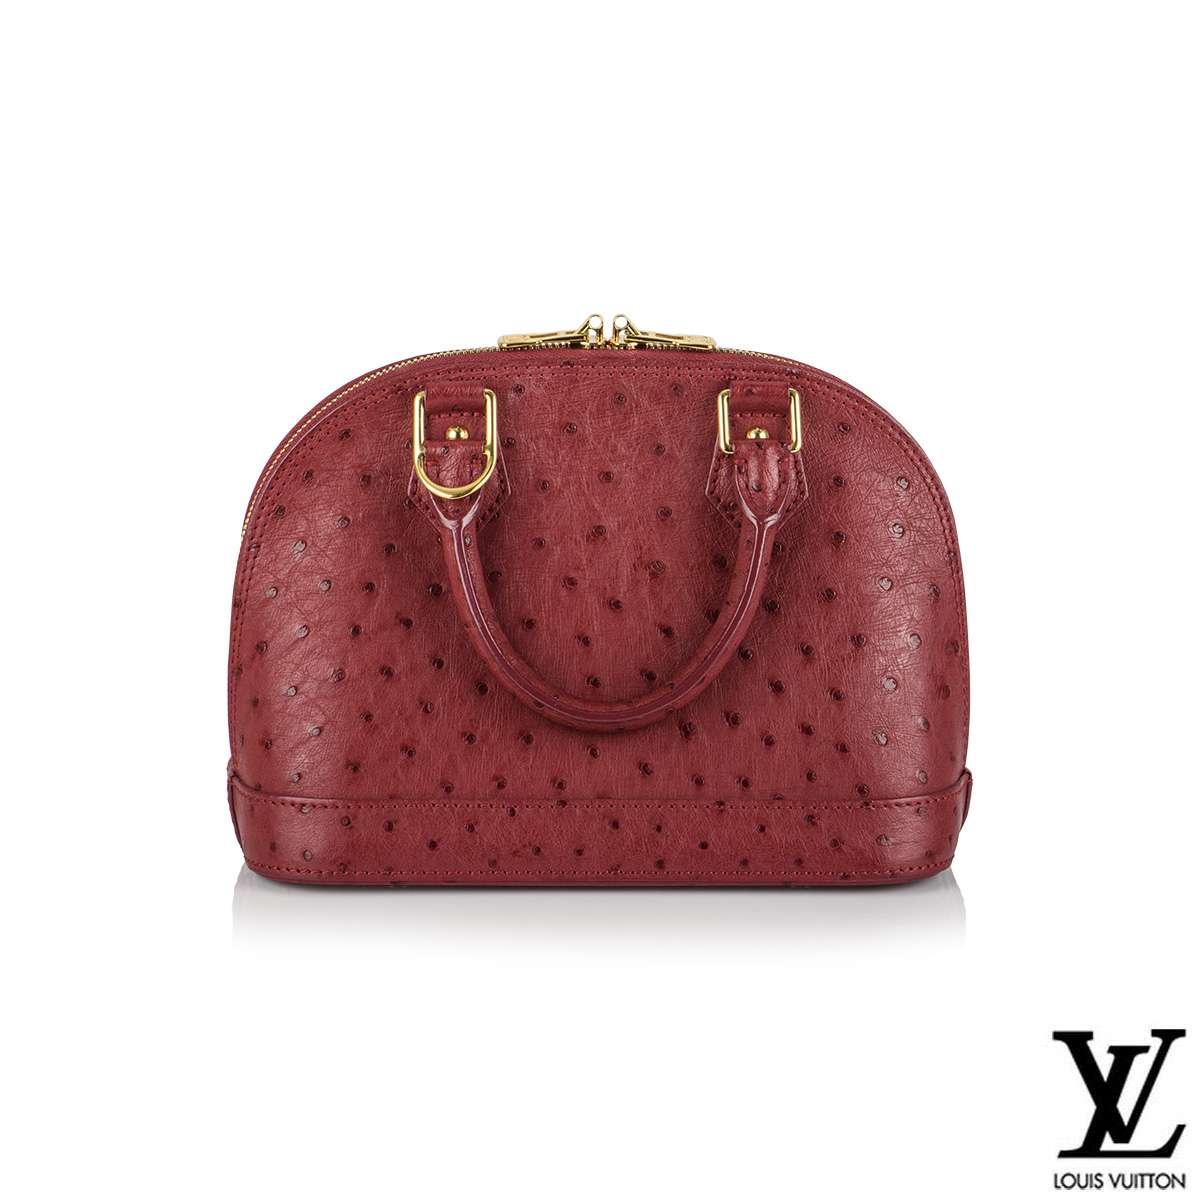 Louis Vuitton Fuchsia Ostrich Alma BB Bag